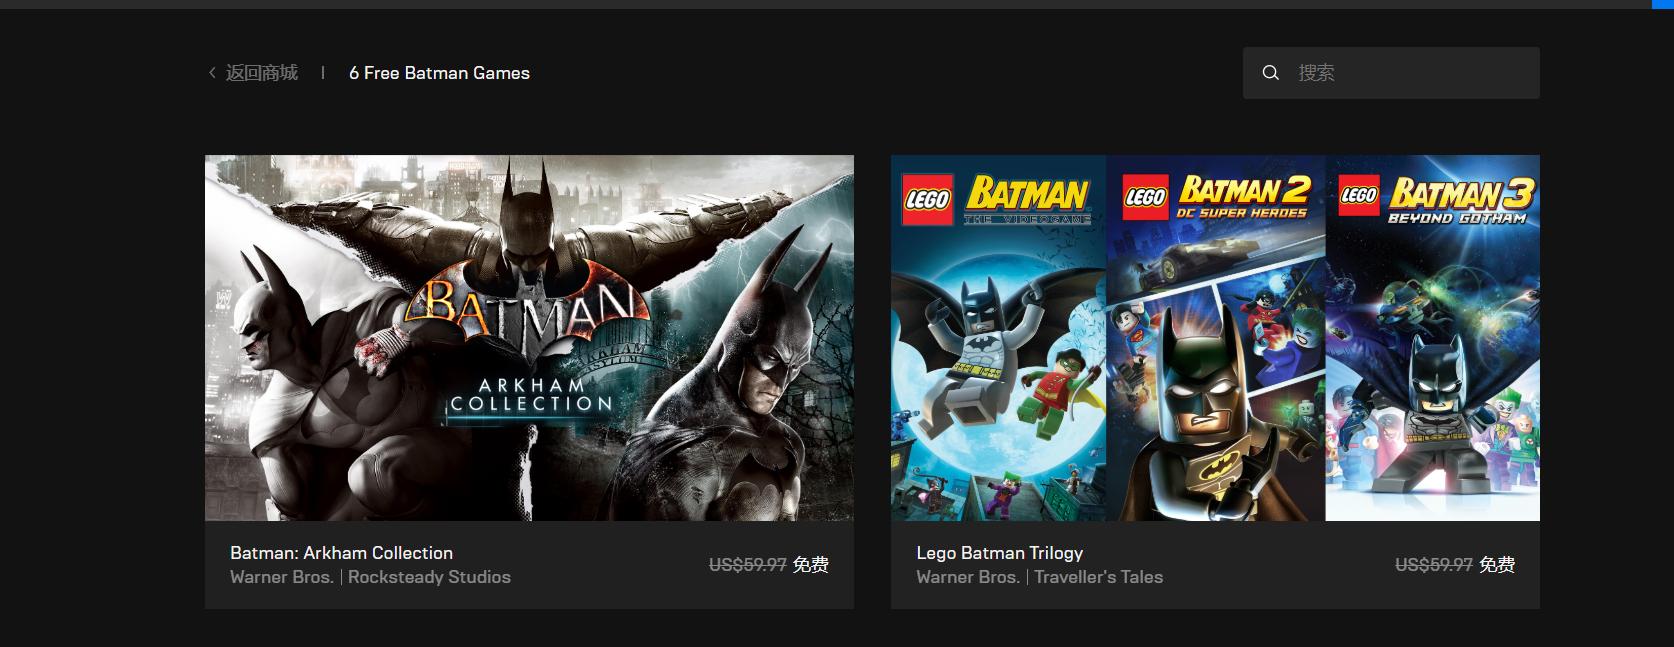 Epic喜加六:蝙蝠侠 阿卡姆合集、乐高蝙蝠侠三部曲现已免费-福禄吧